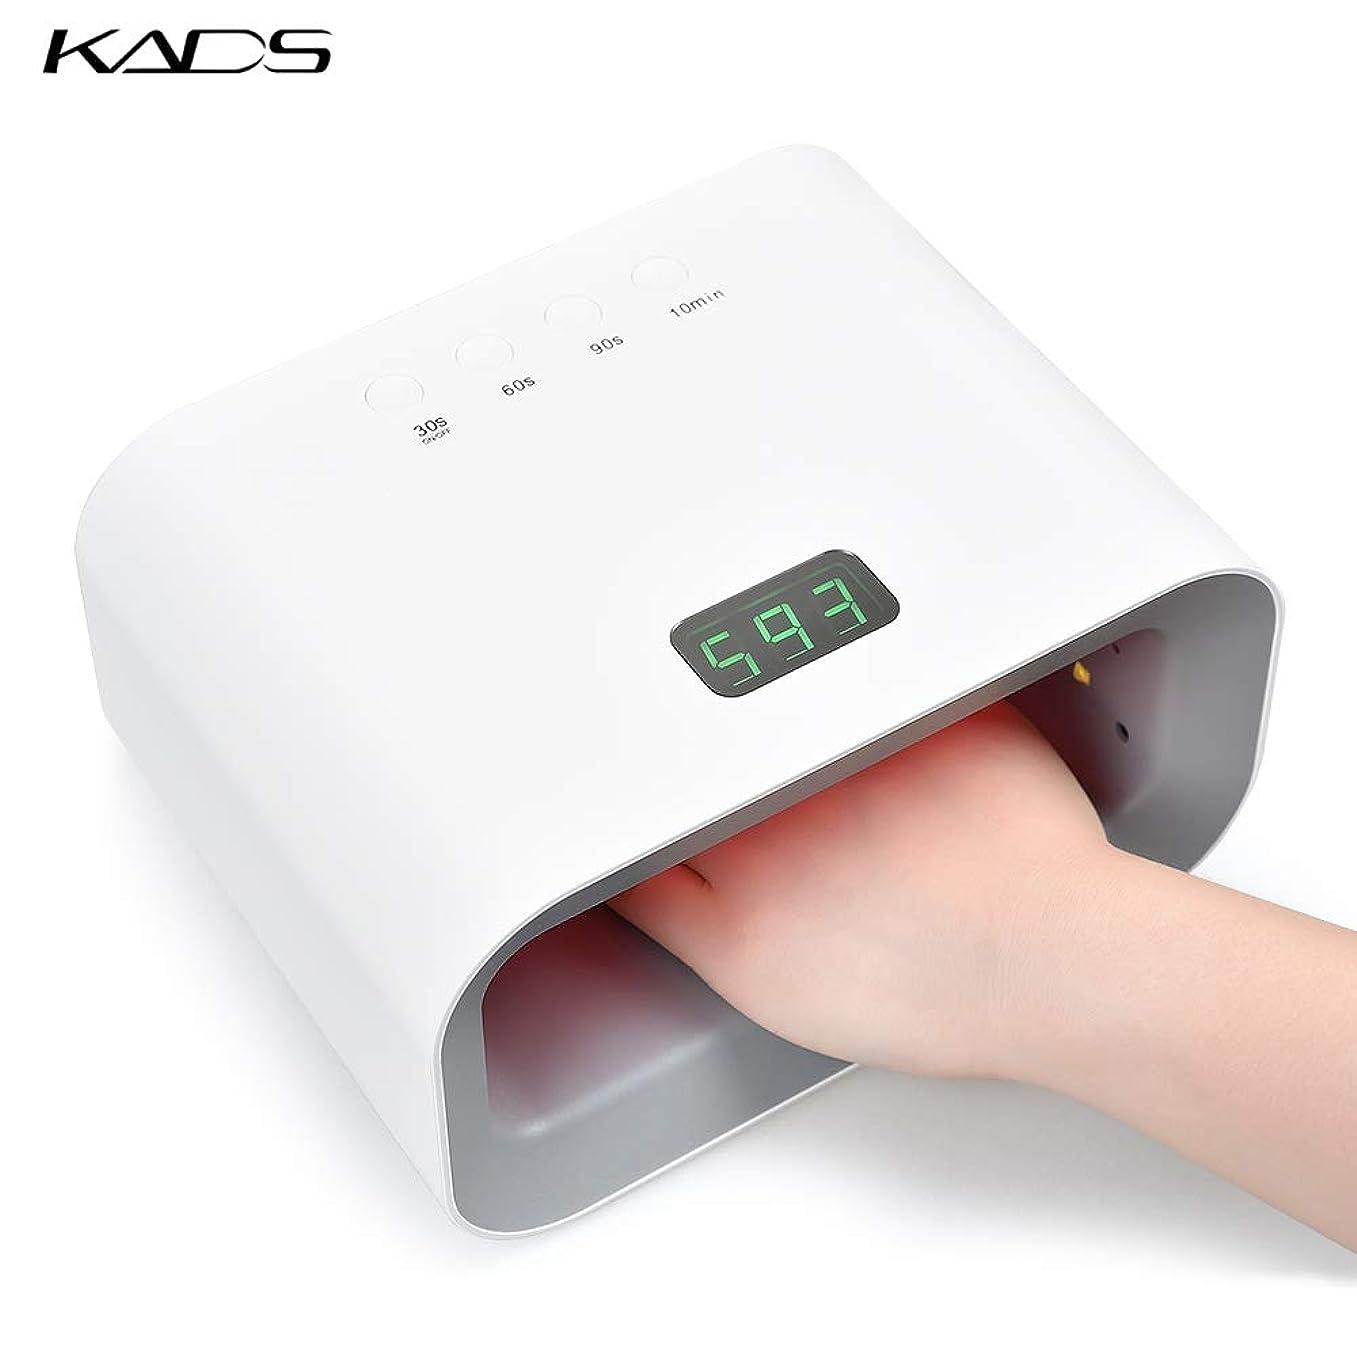 買い手レイプ効果的にKADS LEDネイルドライヤー UV/LEDライト 90W 美白機能付き 3段階タイマー設定 高速硬化 硬化用ライト ランプ ジェルネイル用 赤外線検知